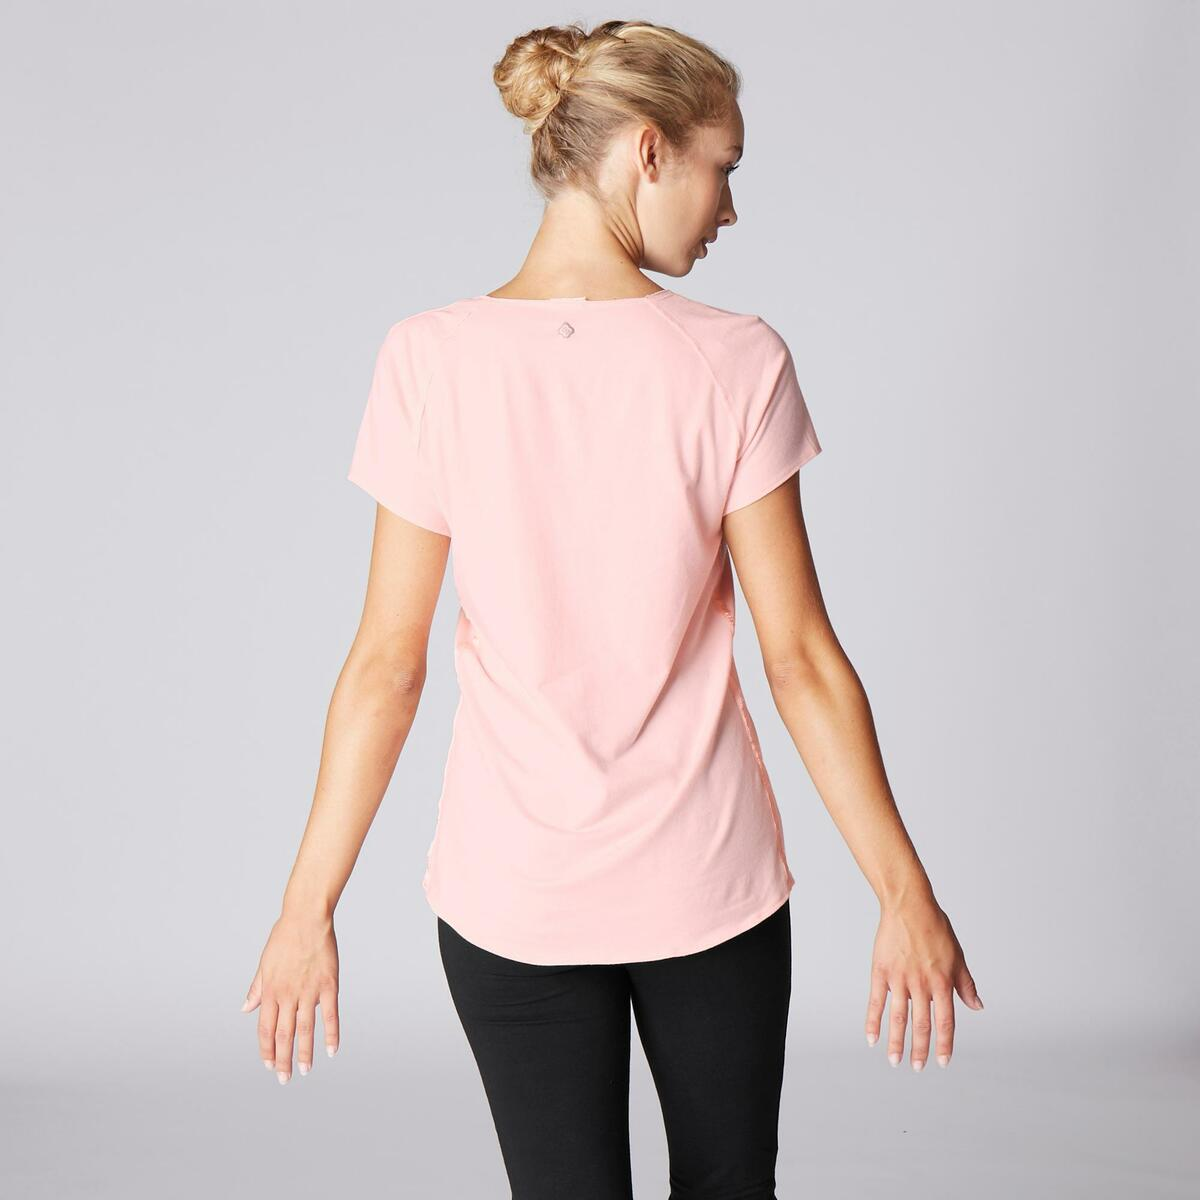 Bild 4 von T-Shirt sanftes Yoga aus Baumwolle aus biologischem Anbau Damen rosa